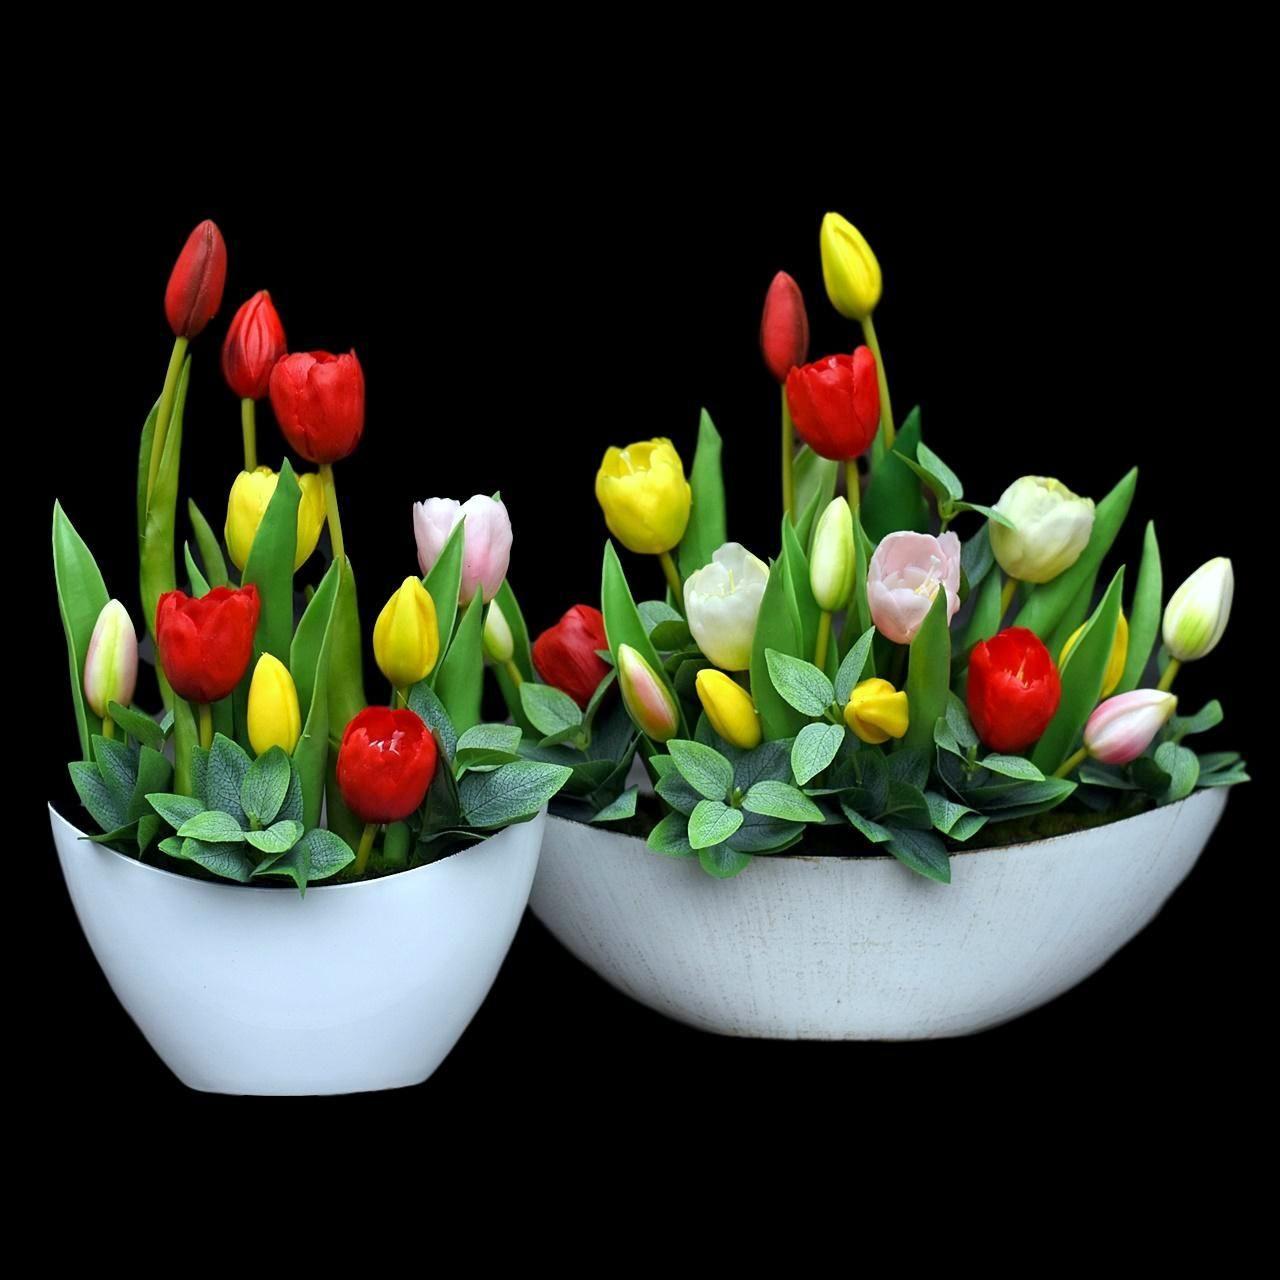 Sztuczne Tulipany W Doniczkach Succulents Plants Flowers